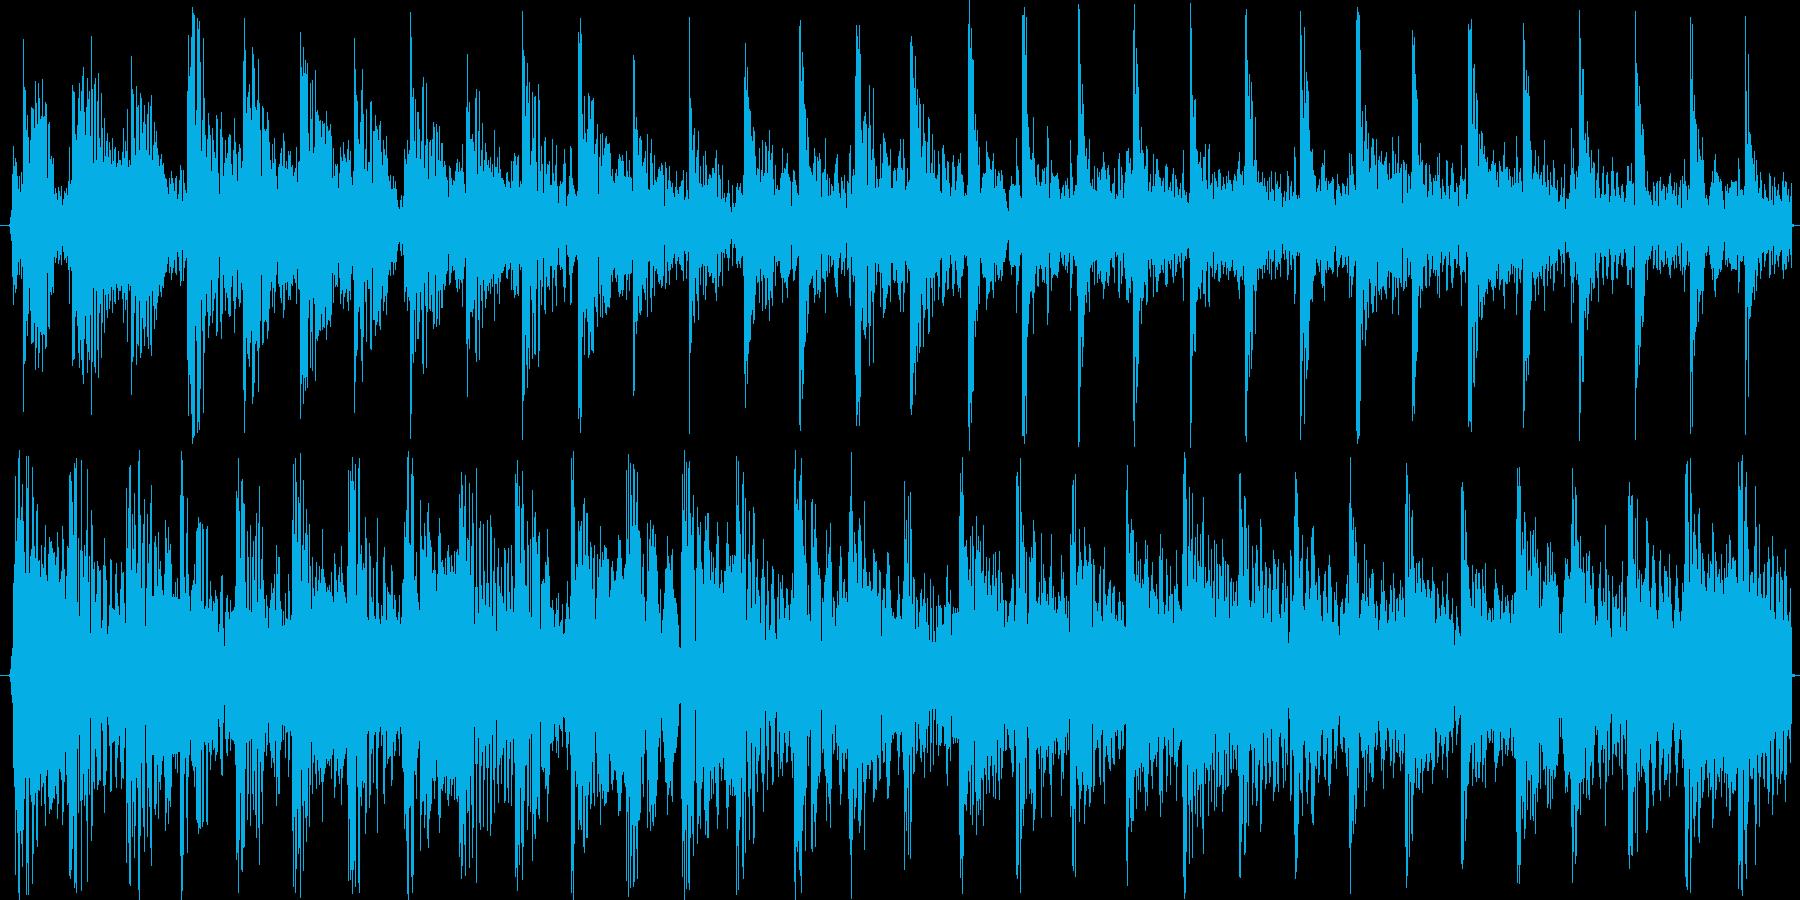 ミステリアスなサイエンスチックムード音楽の再生済みの波形